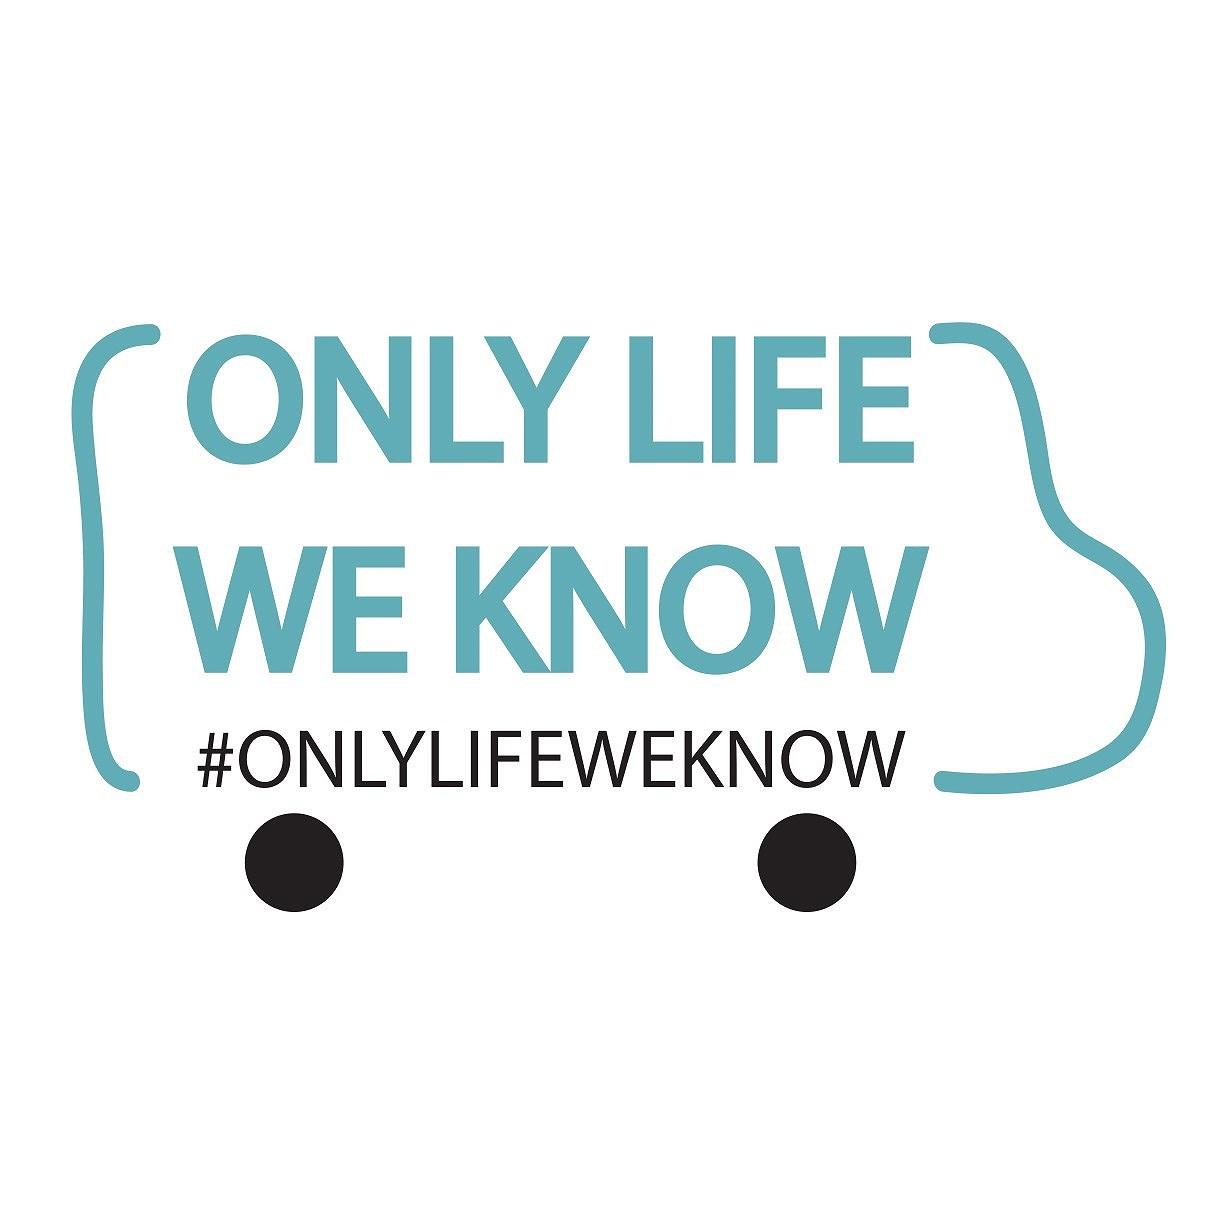 onlylifeweknow